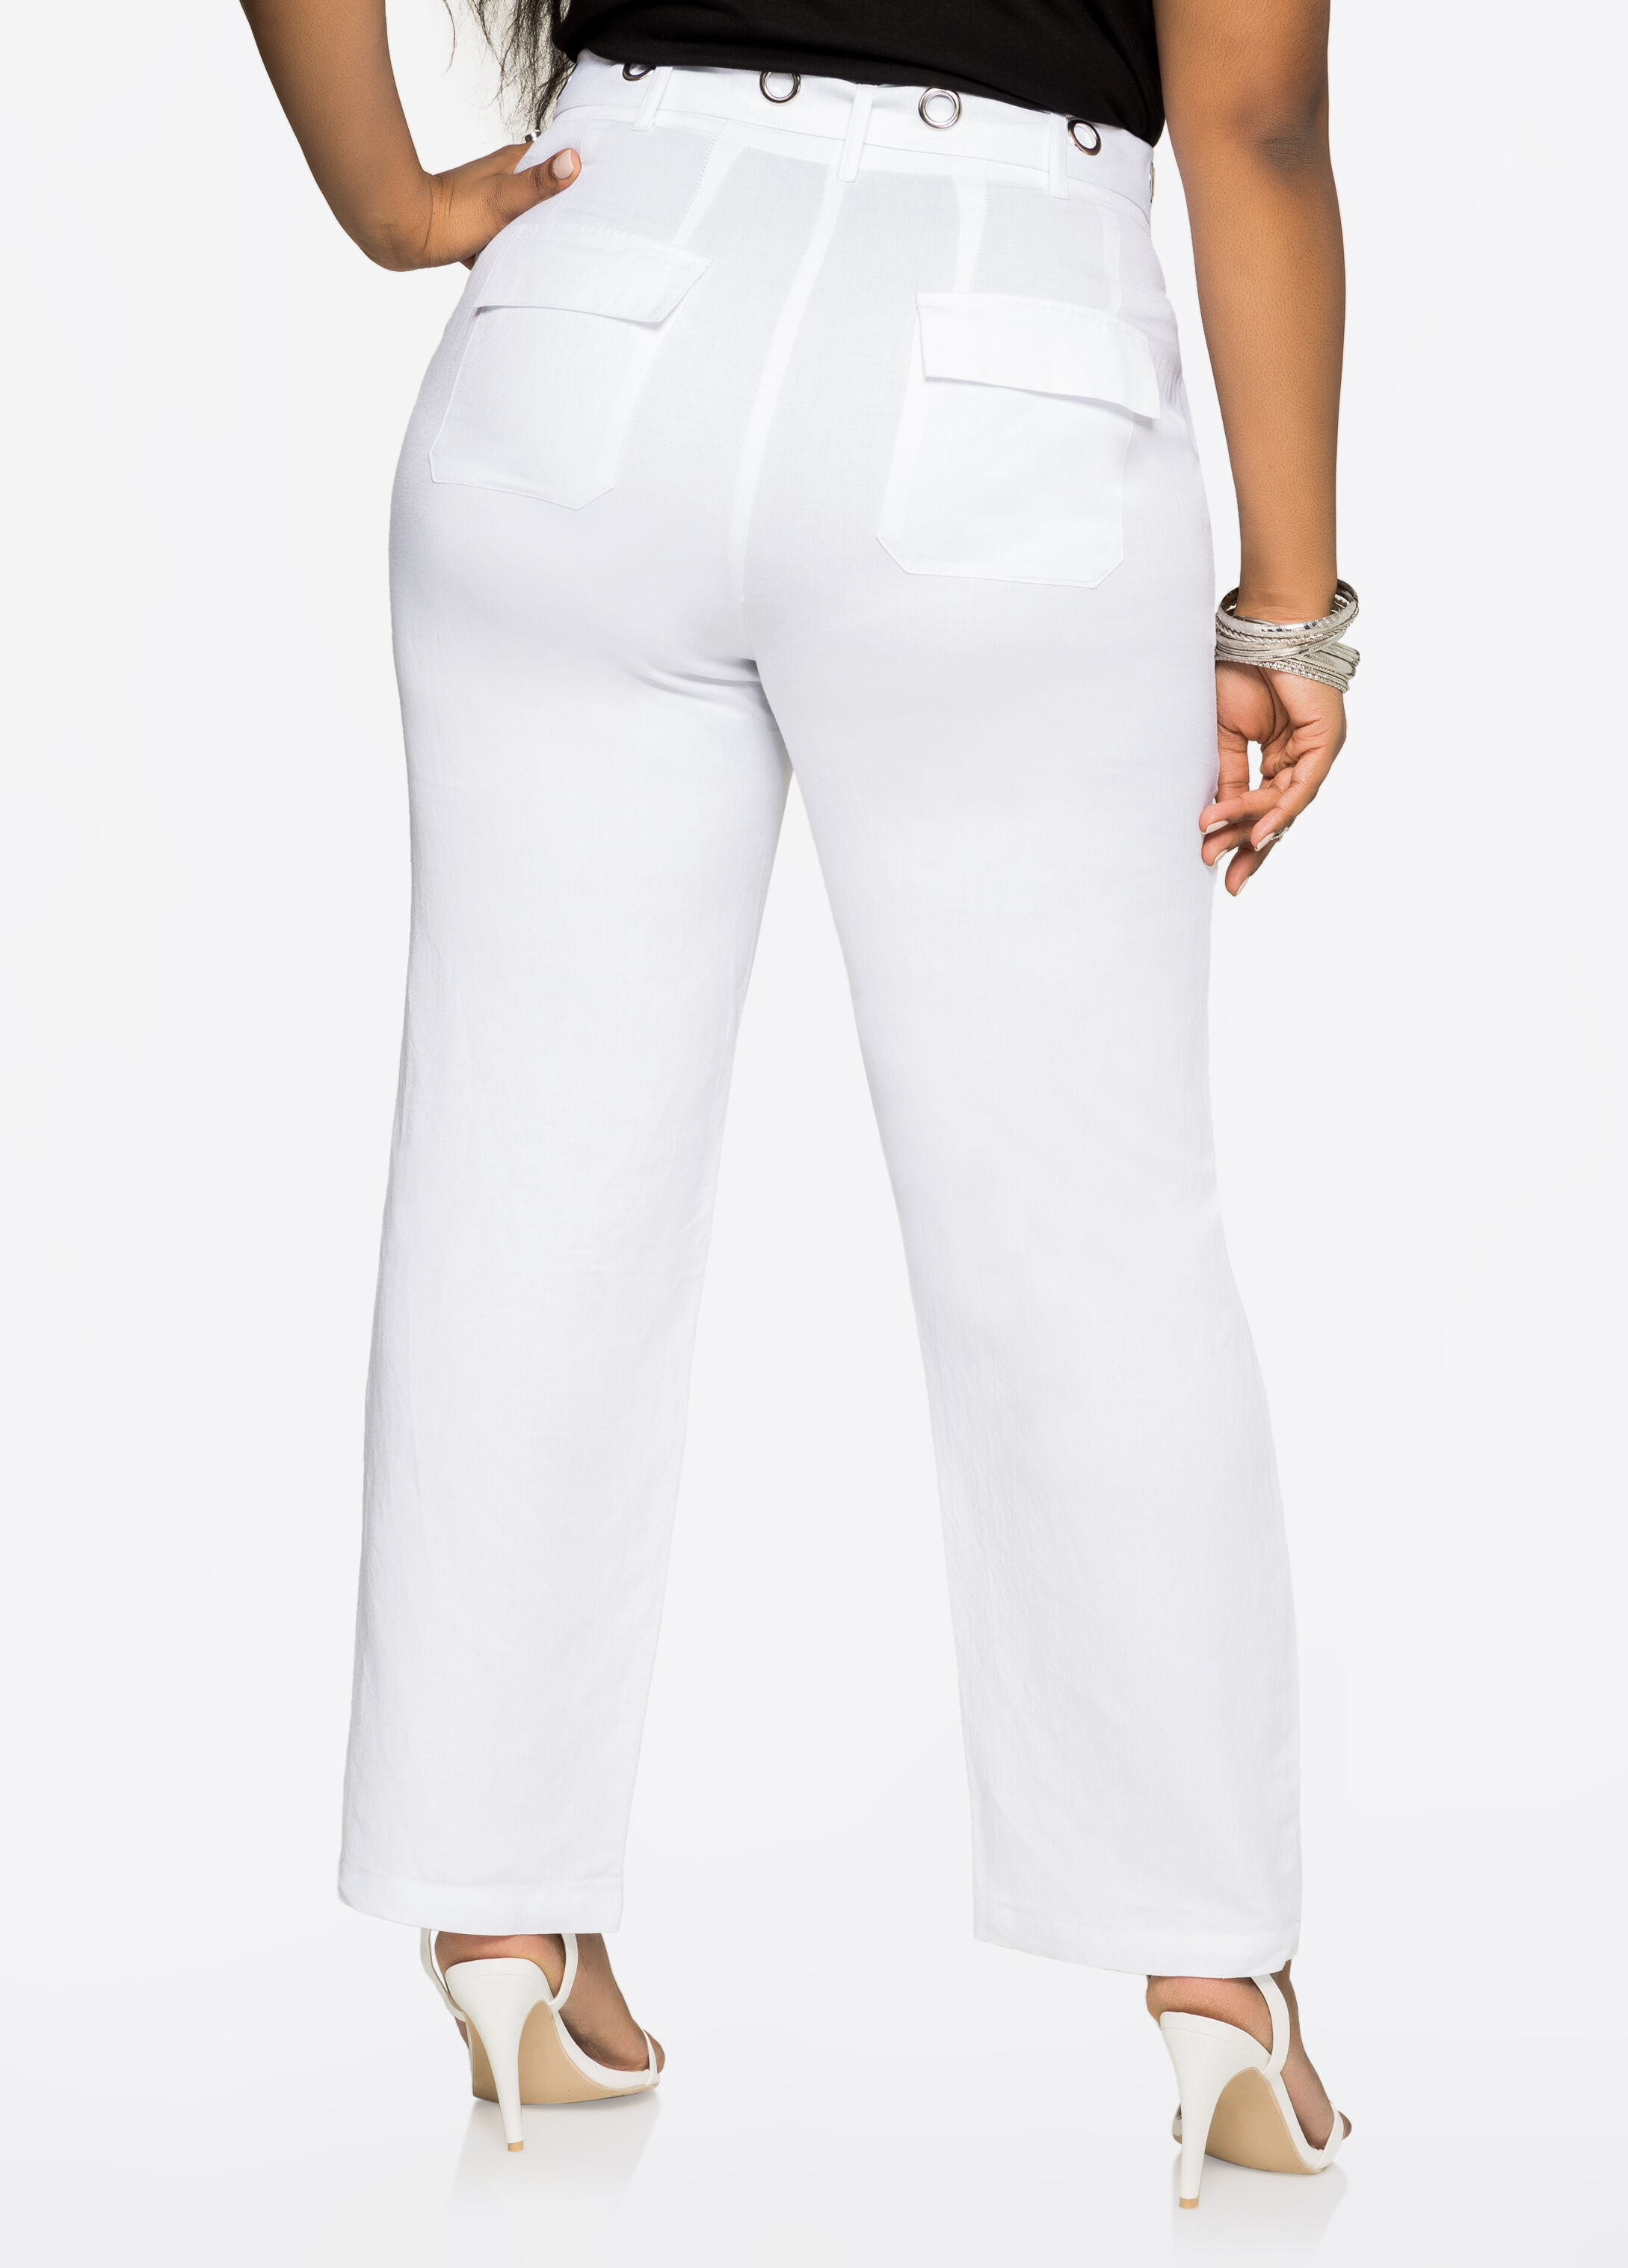 Grommet Belt Linen Pants